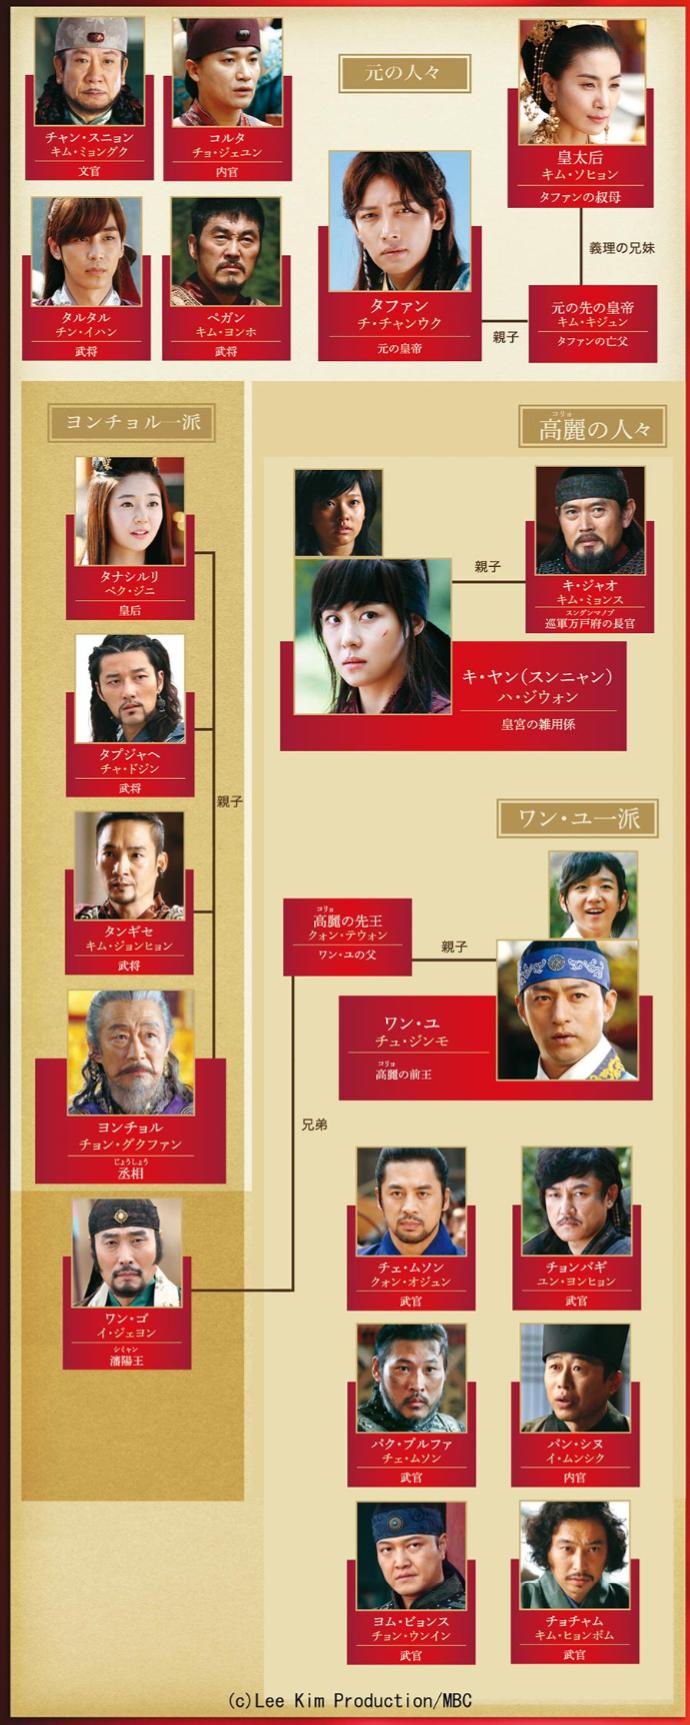 韓国ドラマ『奇皇后~ふたつの愛-涙の誓い~』登場人物相関図(関係図)